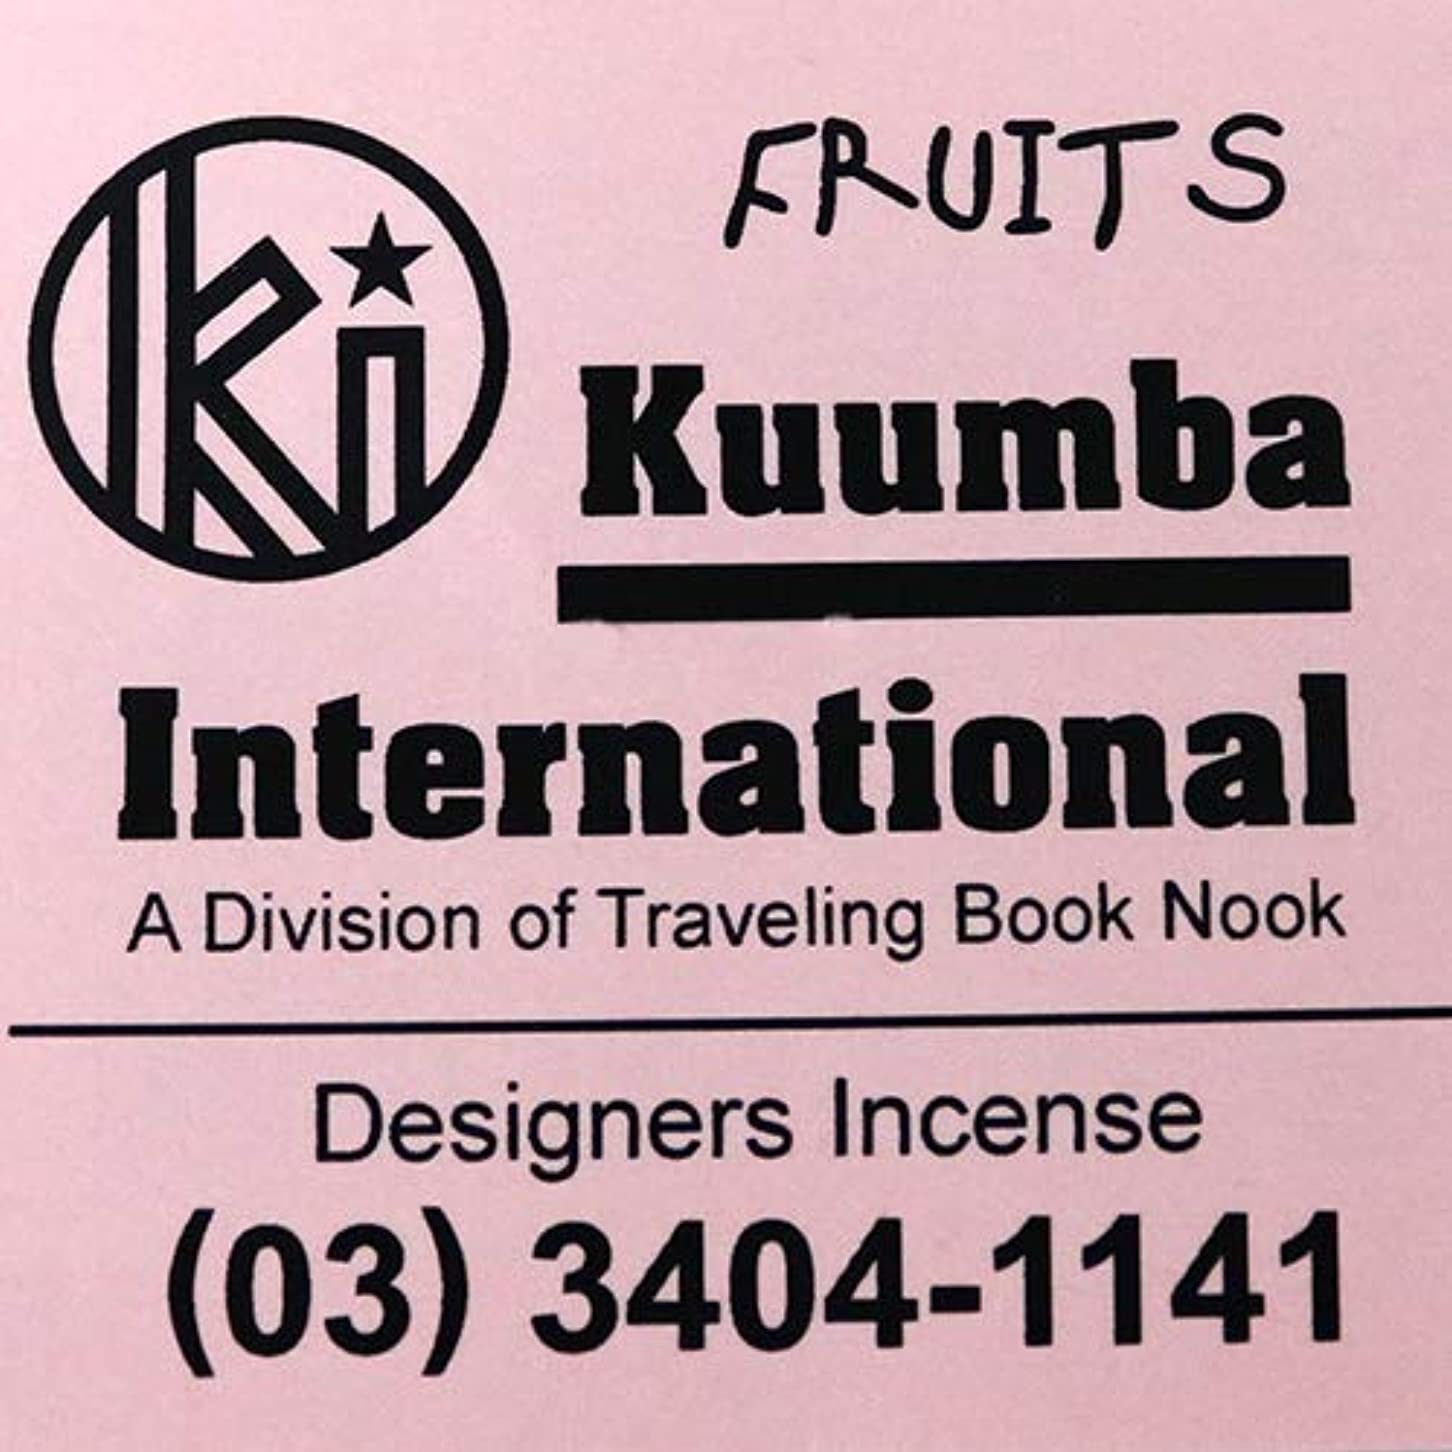 衣装命題分類する(クンバ) KUUMBA『incense』(FRUITS) (FRUITS, Regular size)